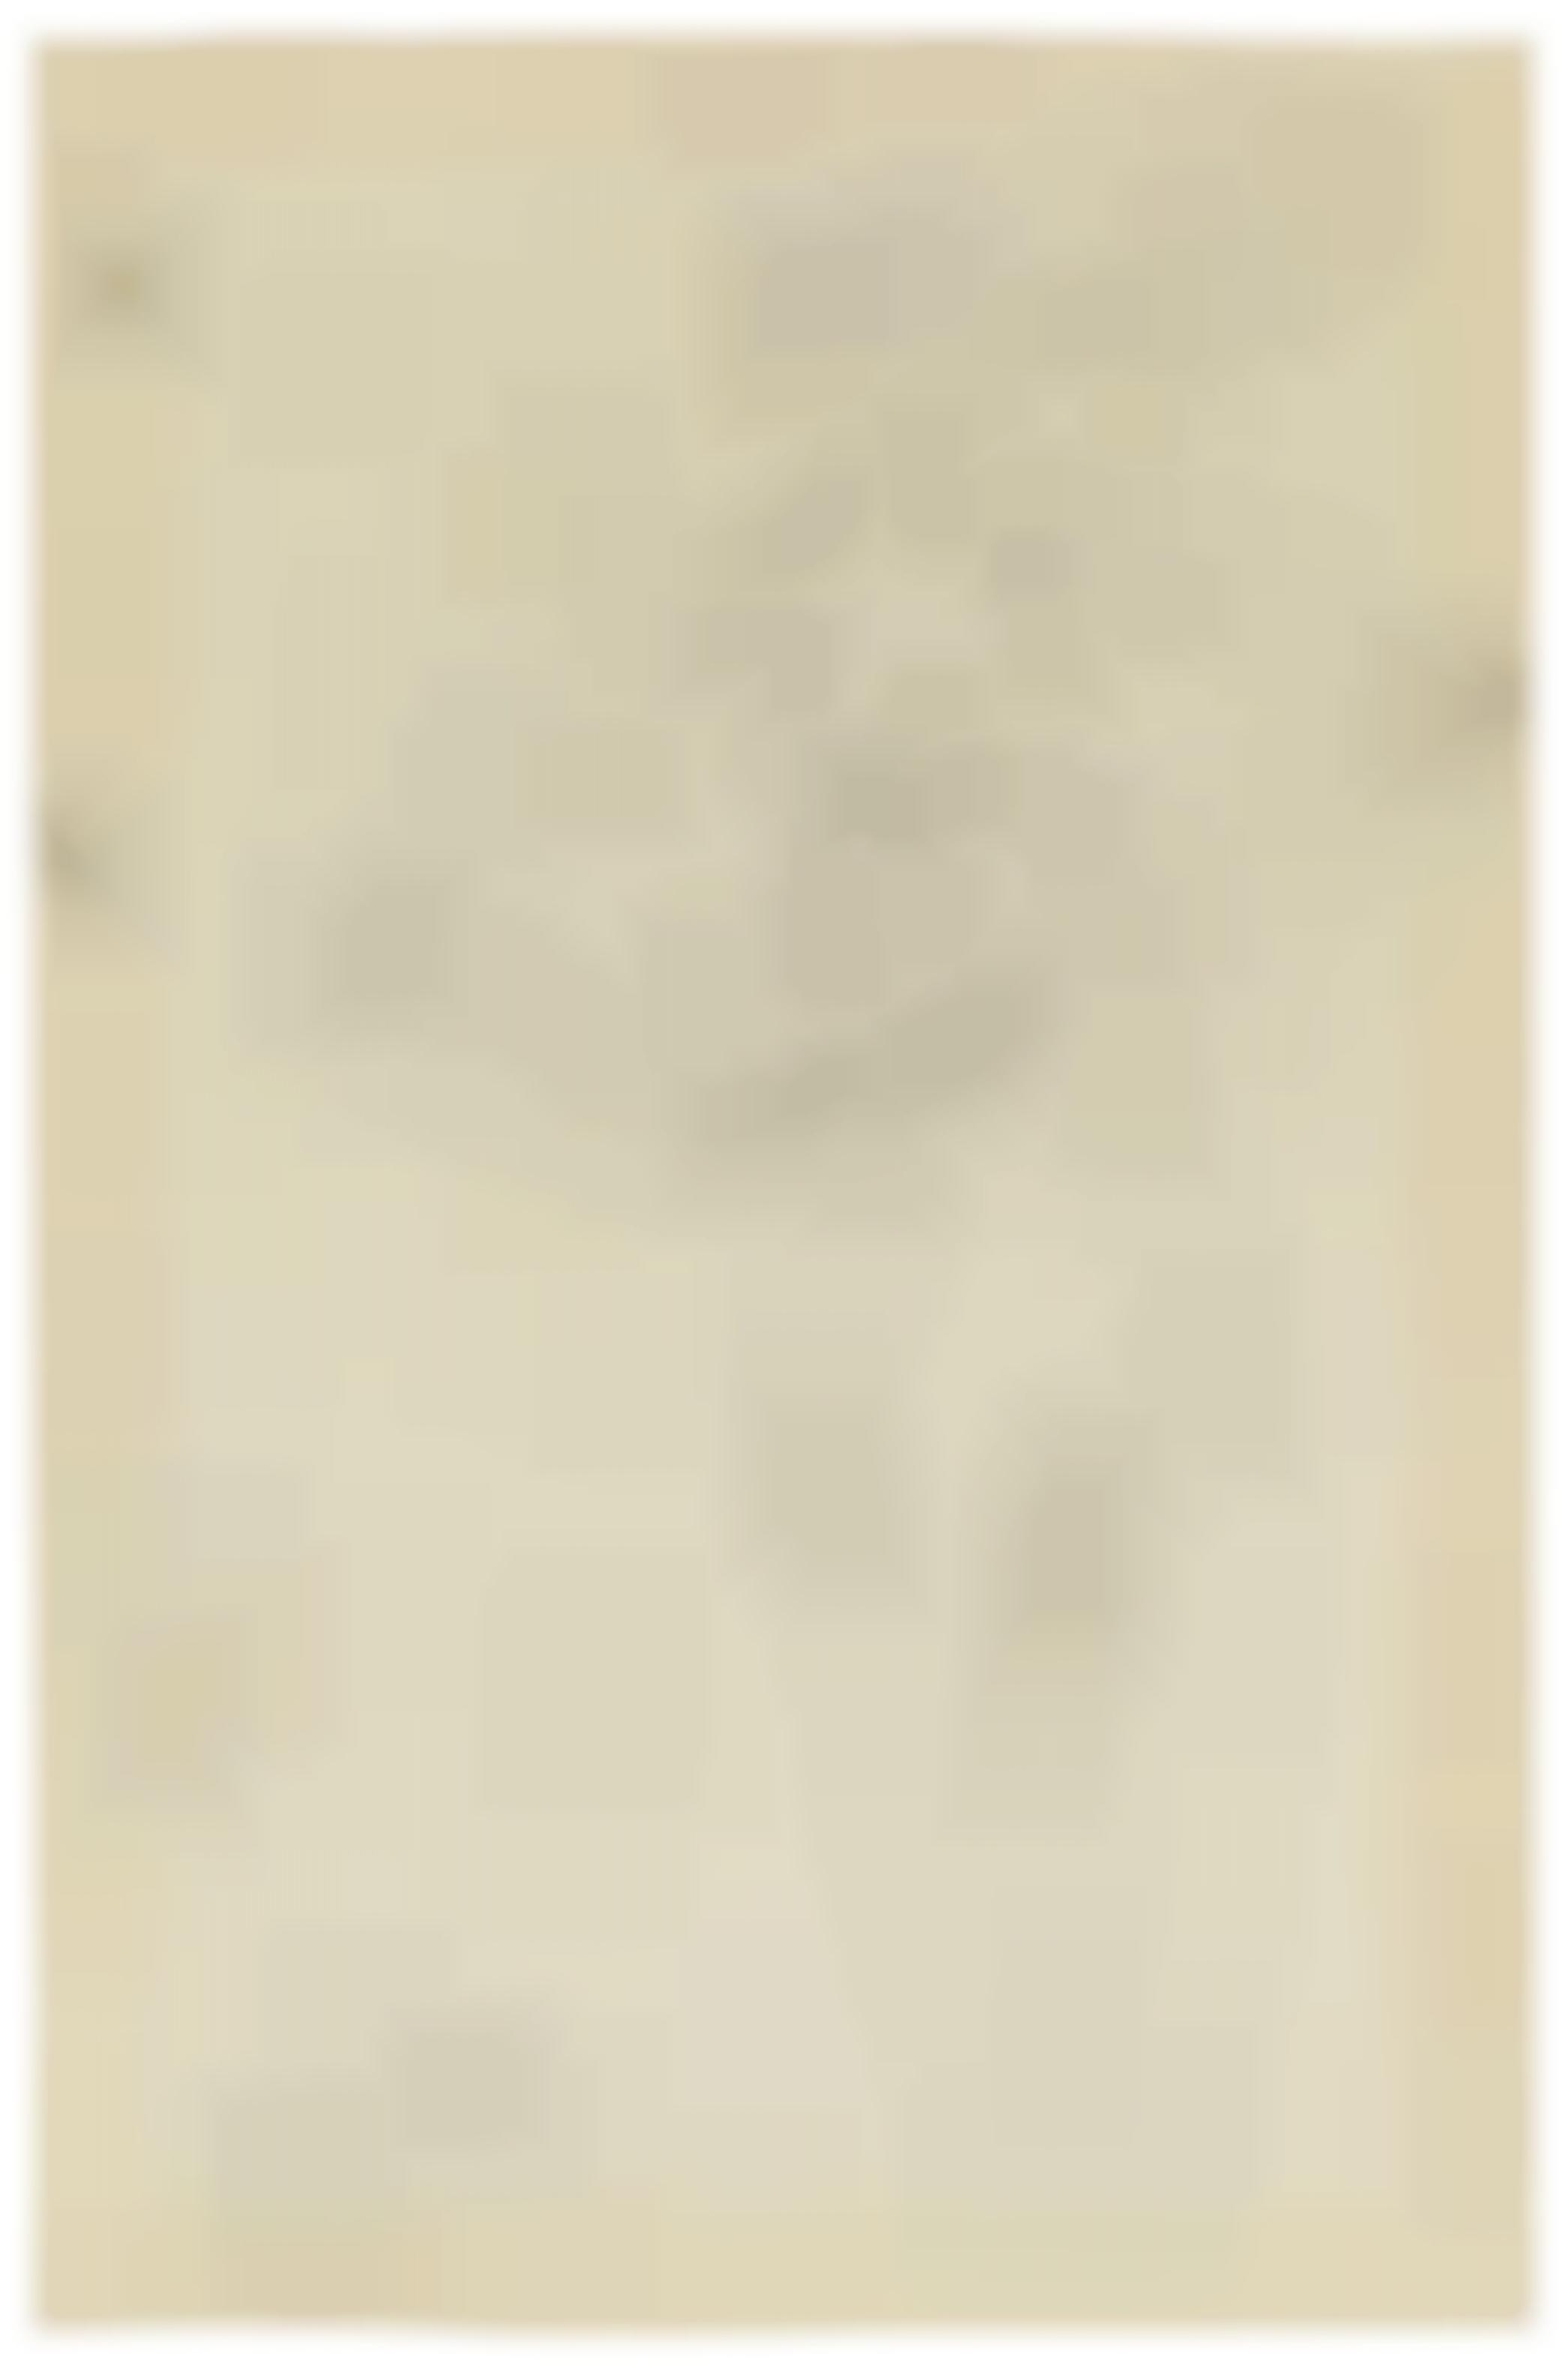 Joseph Beuys-Mutterschaftszeichnung (Motherhood Drawing)-1951